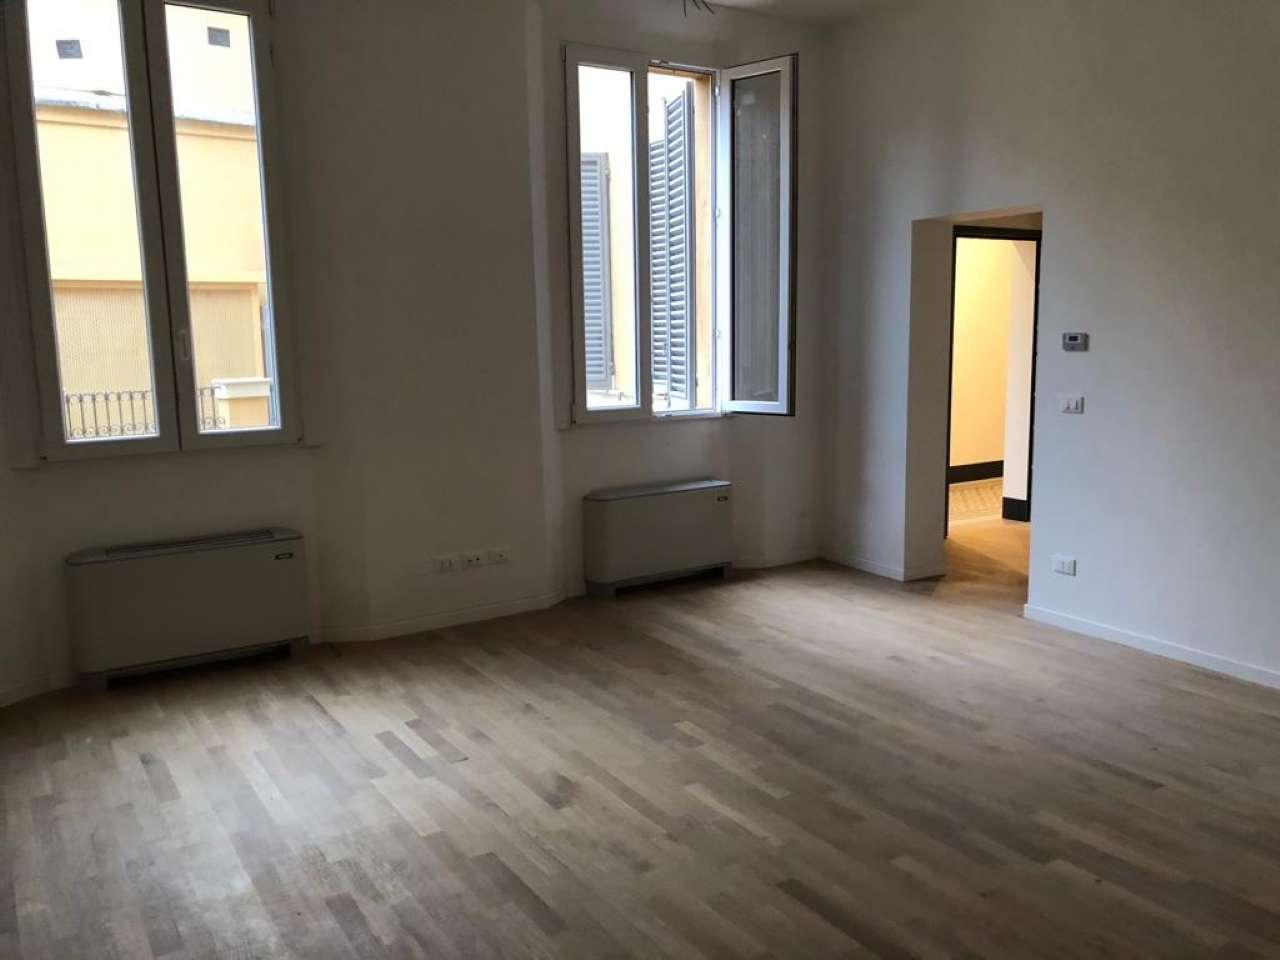 Appartamento in vendita a Bologna, 4 locali, zona Zona: 1 . Centro Storico, prezzo € 440.000 | CambioCasa.it